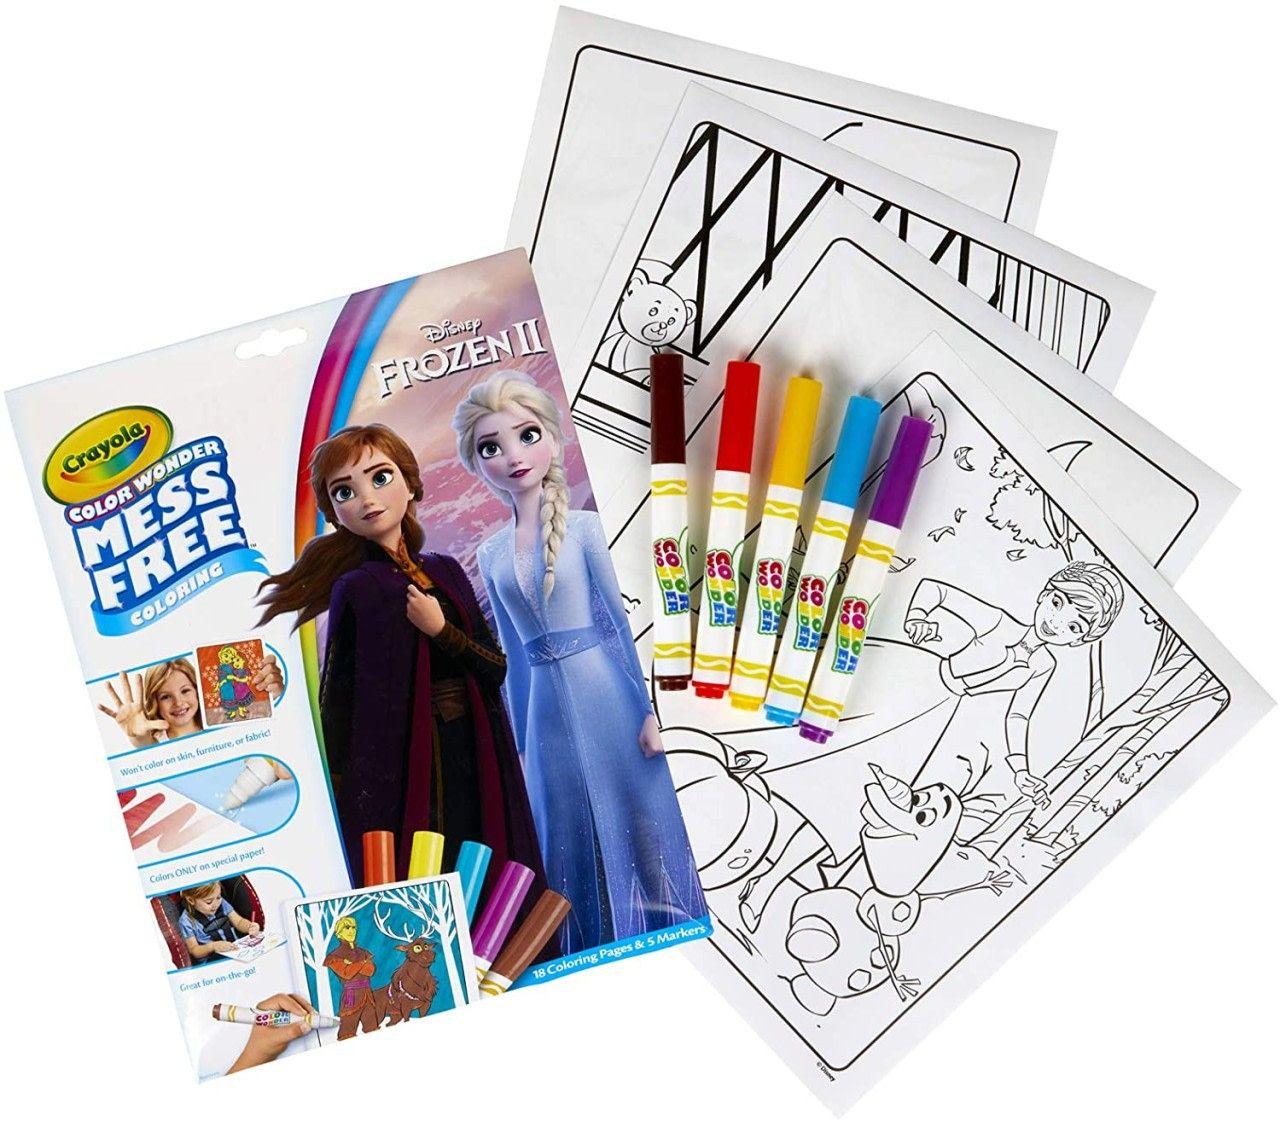 Crayola Color Wonder Frozen Coloring Book Markers Only 5 49 Color Wonder Frozen Coloring Book Markers